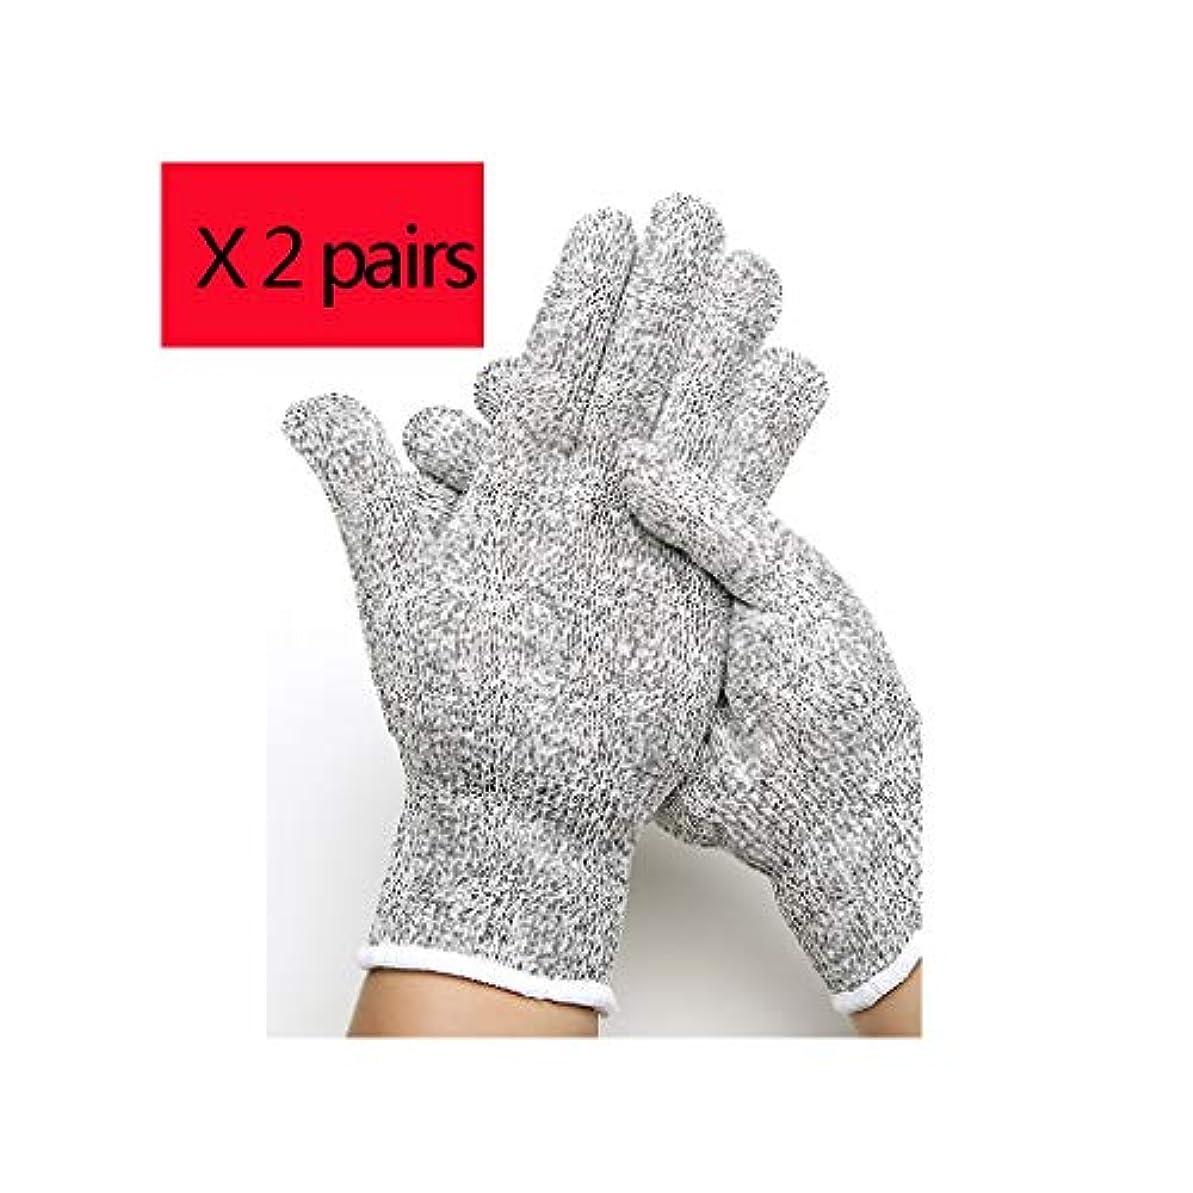 算術六火炎LIUXIN ナイフカット手袋厚手の耐摩耗性産業用労働手袋家庭用保護手袋マルチサイズオプション×2 ゴム手袋 (Size : S)